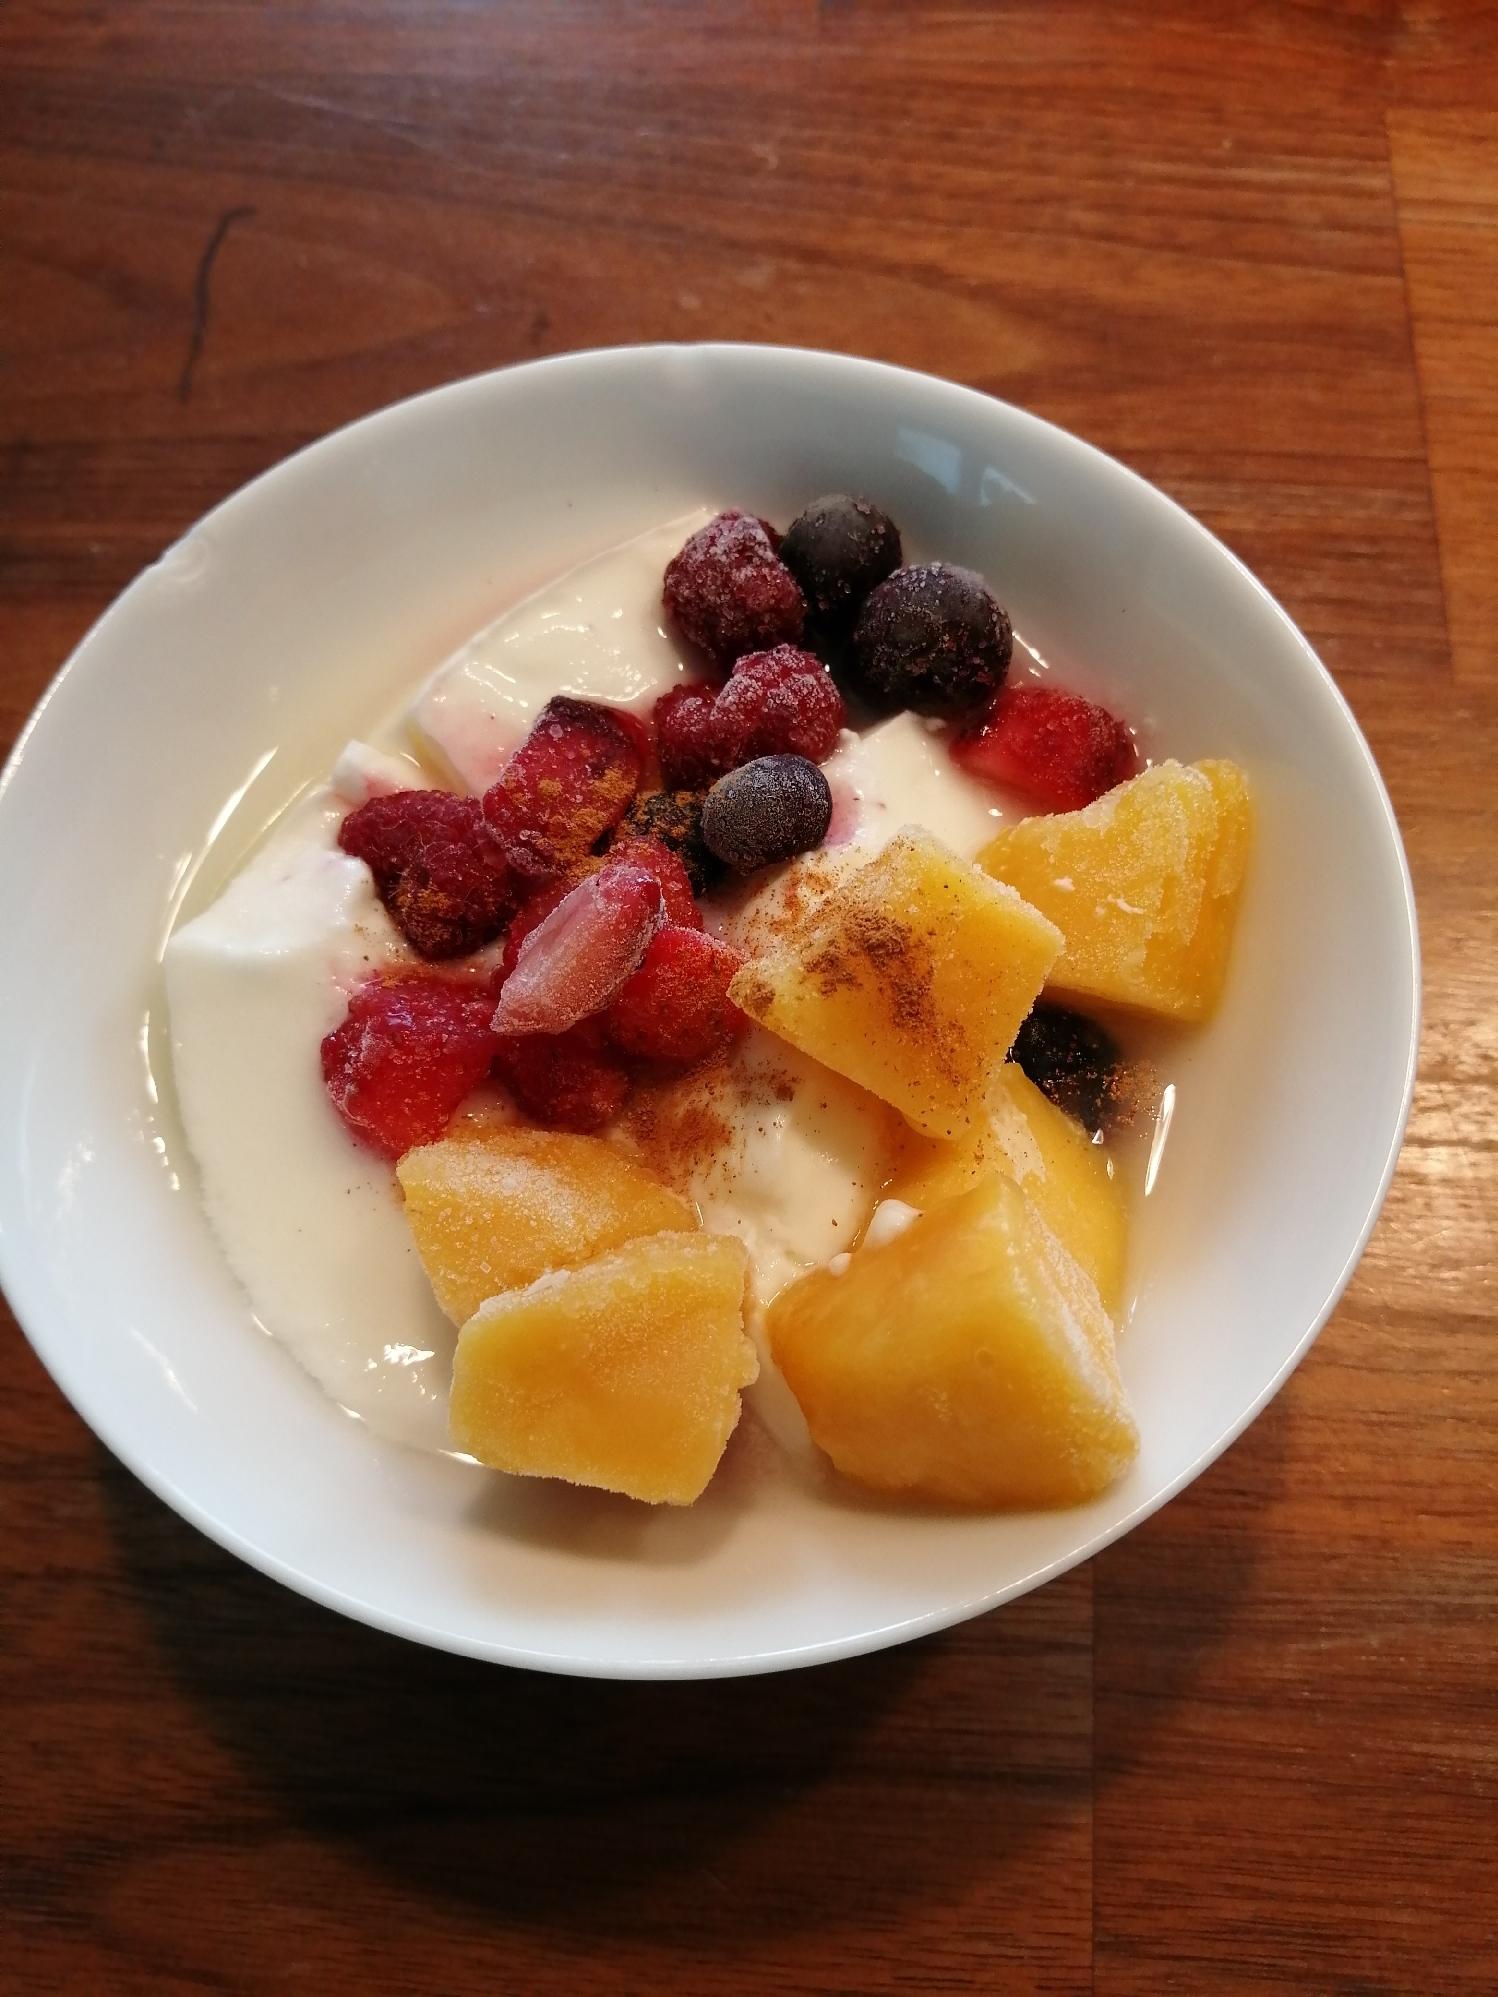 冷凍フルーツたっぷり♪ヨーグルト